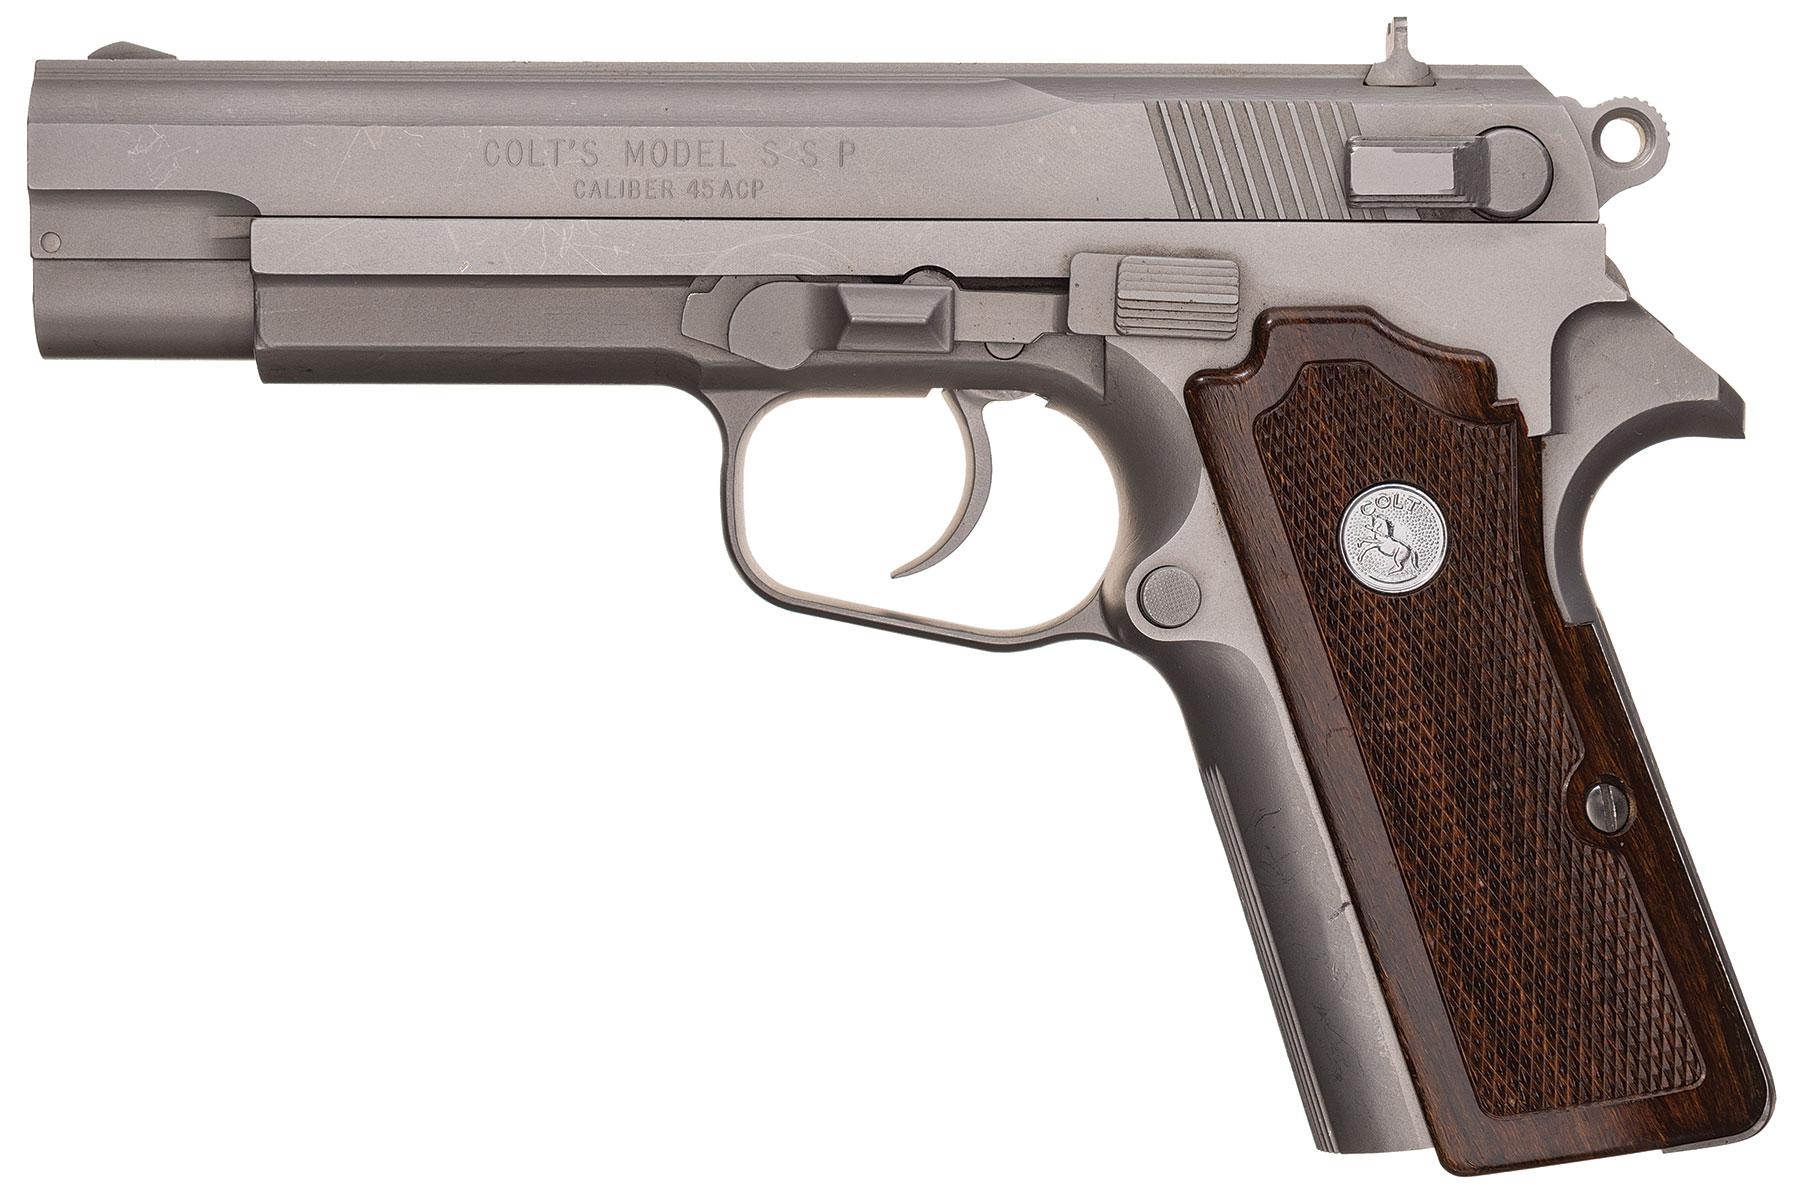 Rare Colt Ssp Us Trials Semi Automatic Pistol Model 1911a1 Parts Diagram Lot 1852